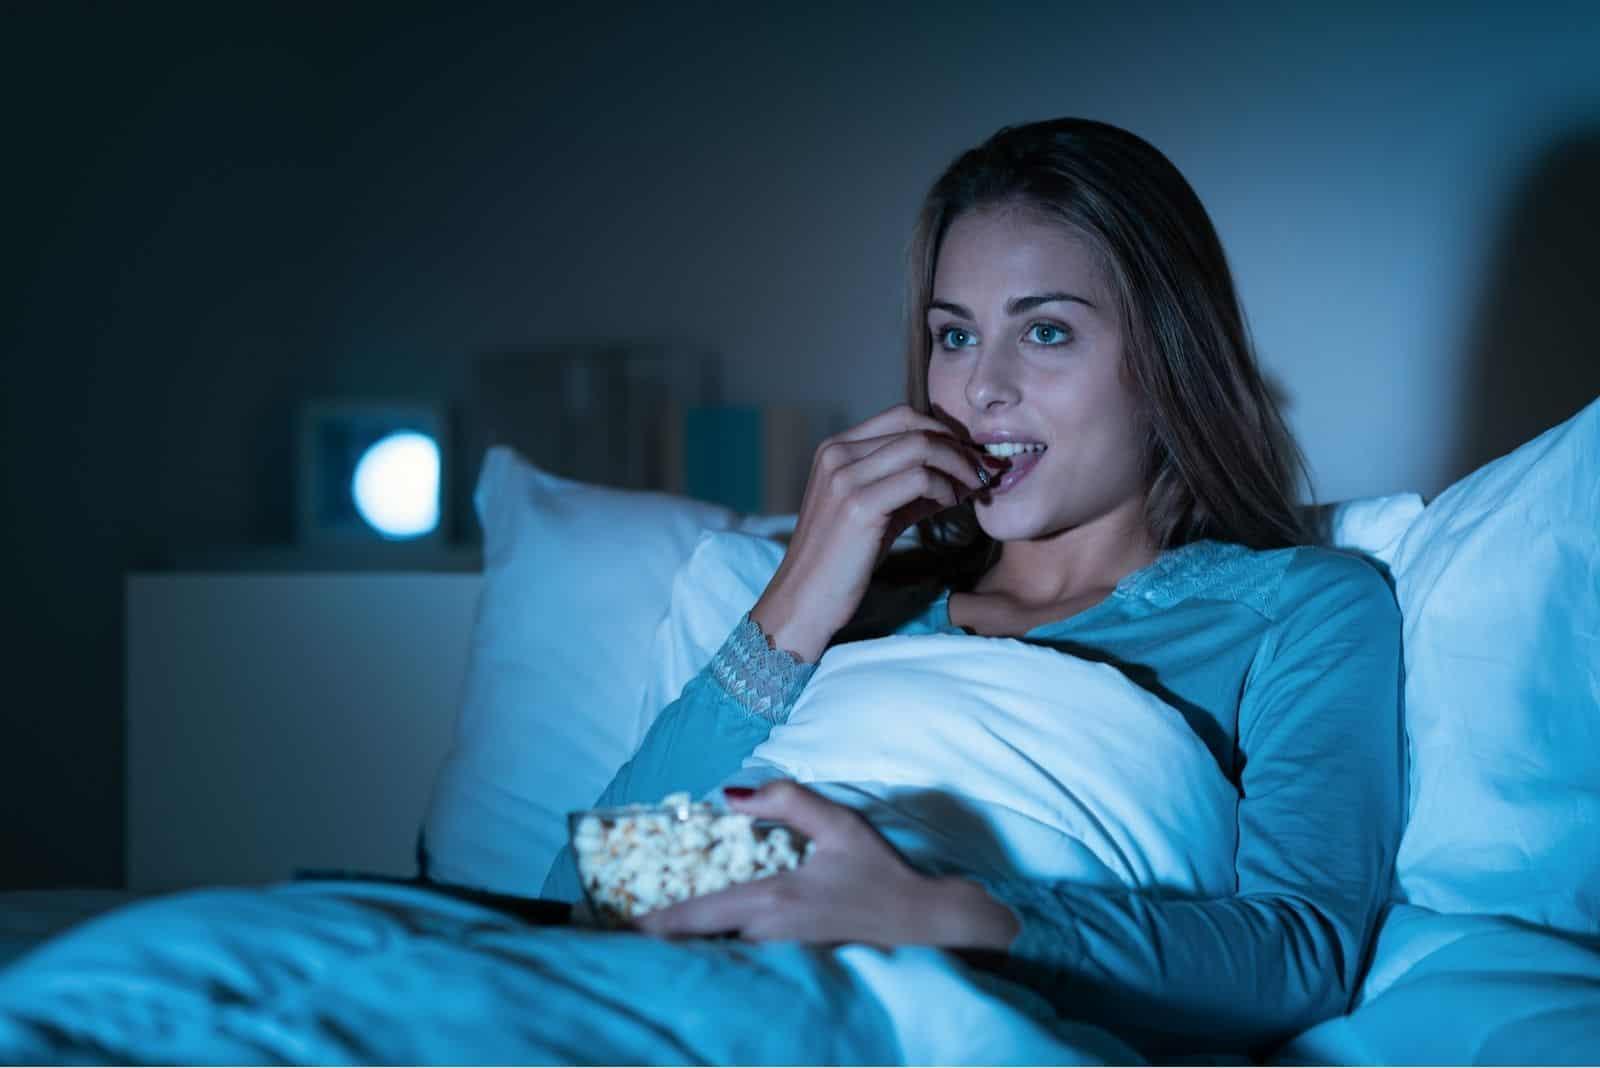 Glückliche Frau, die sich entspannt Nachts im Bett fernsehen und Popcorn essen